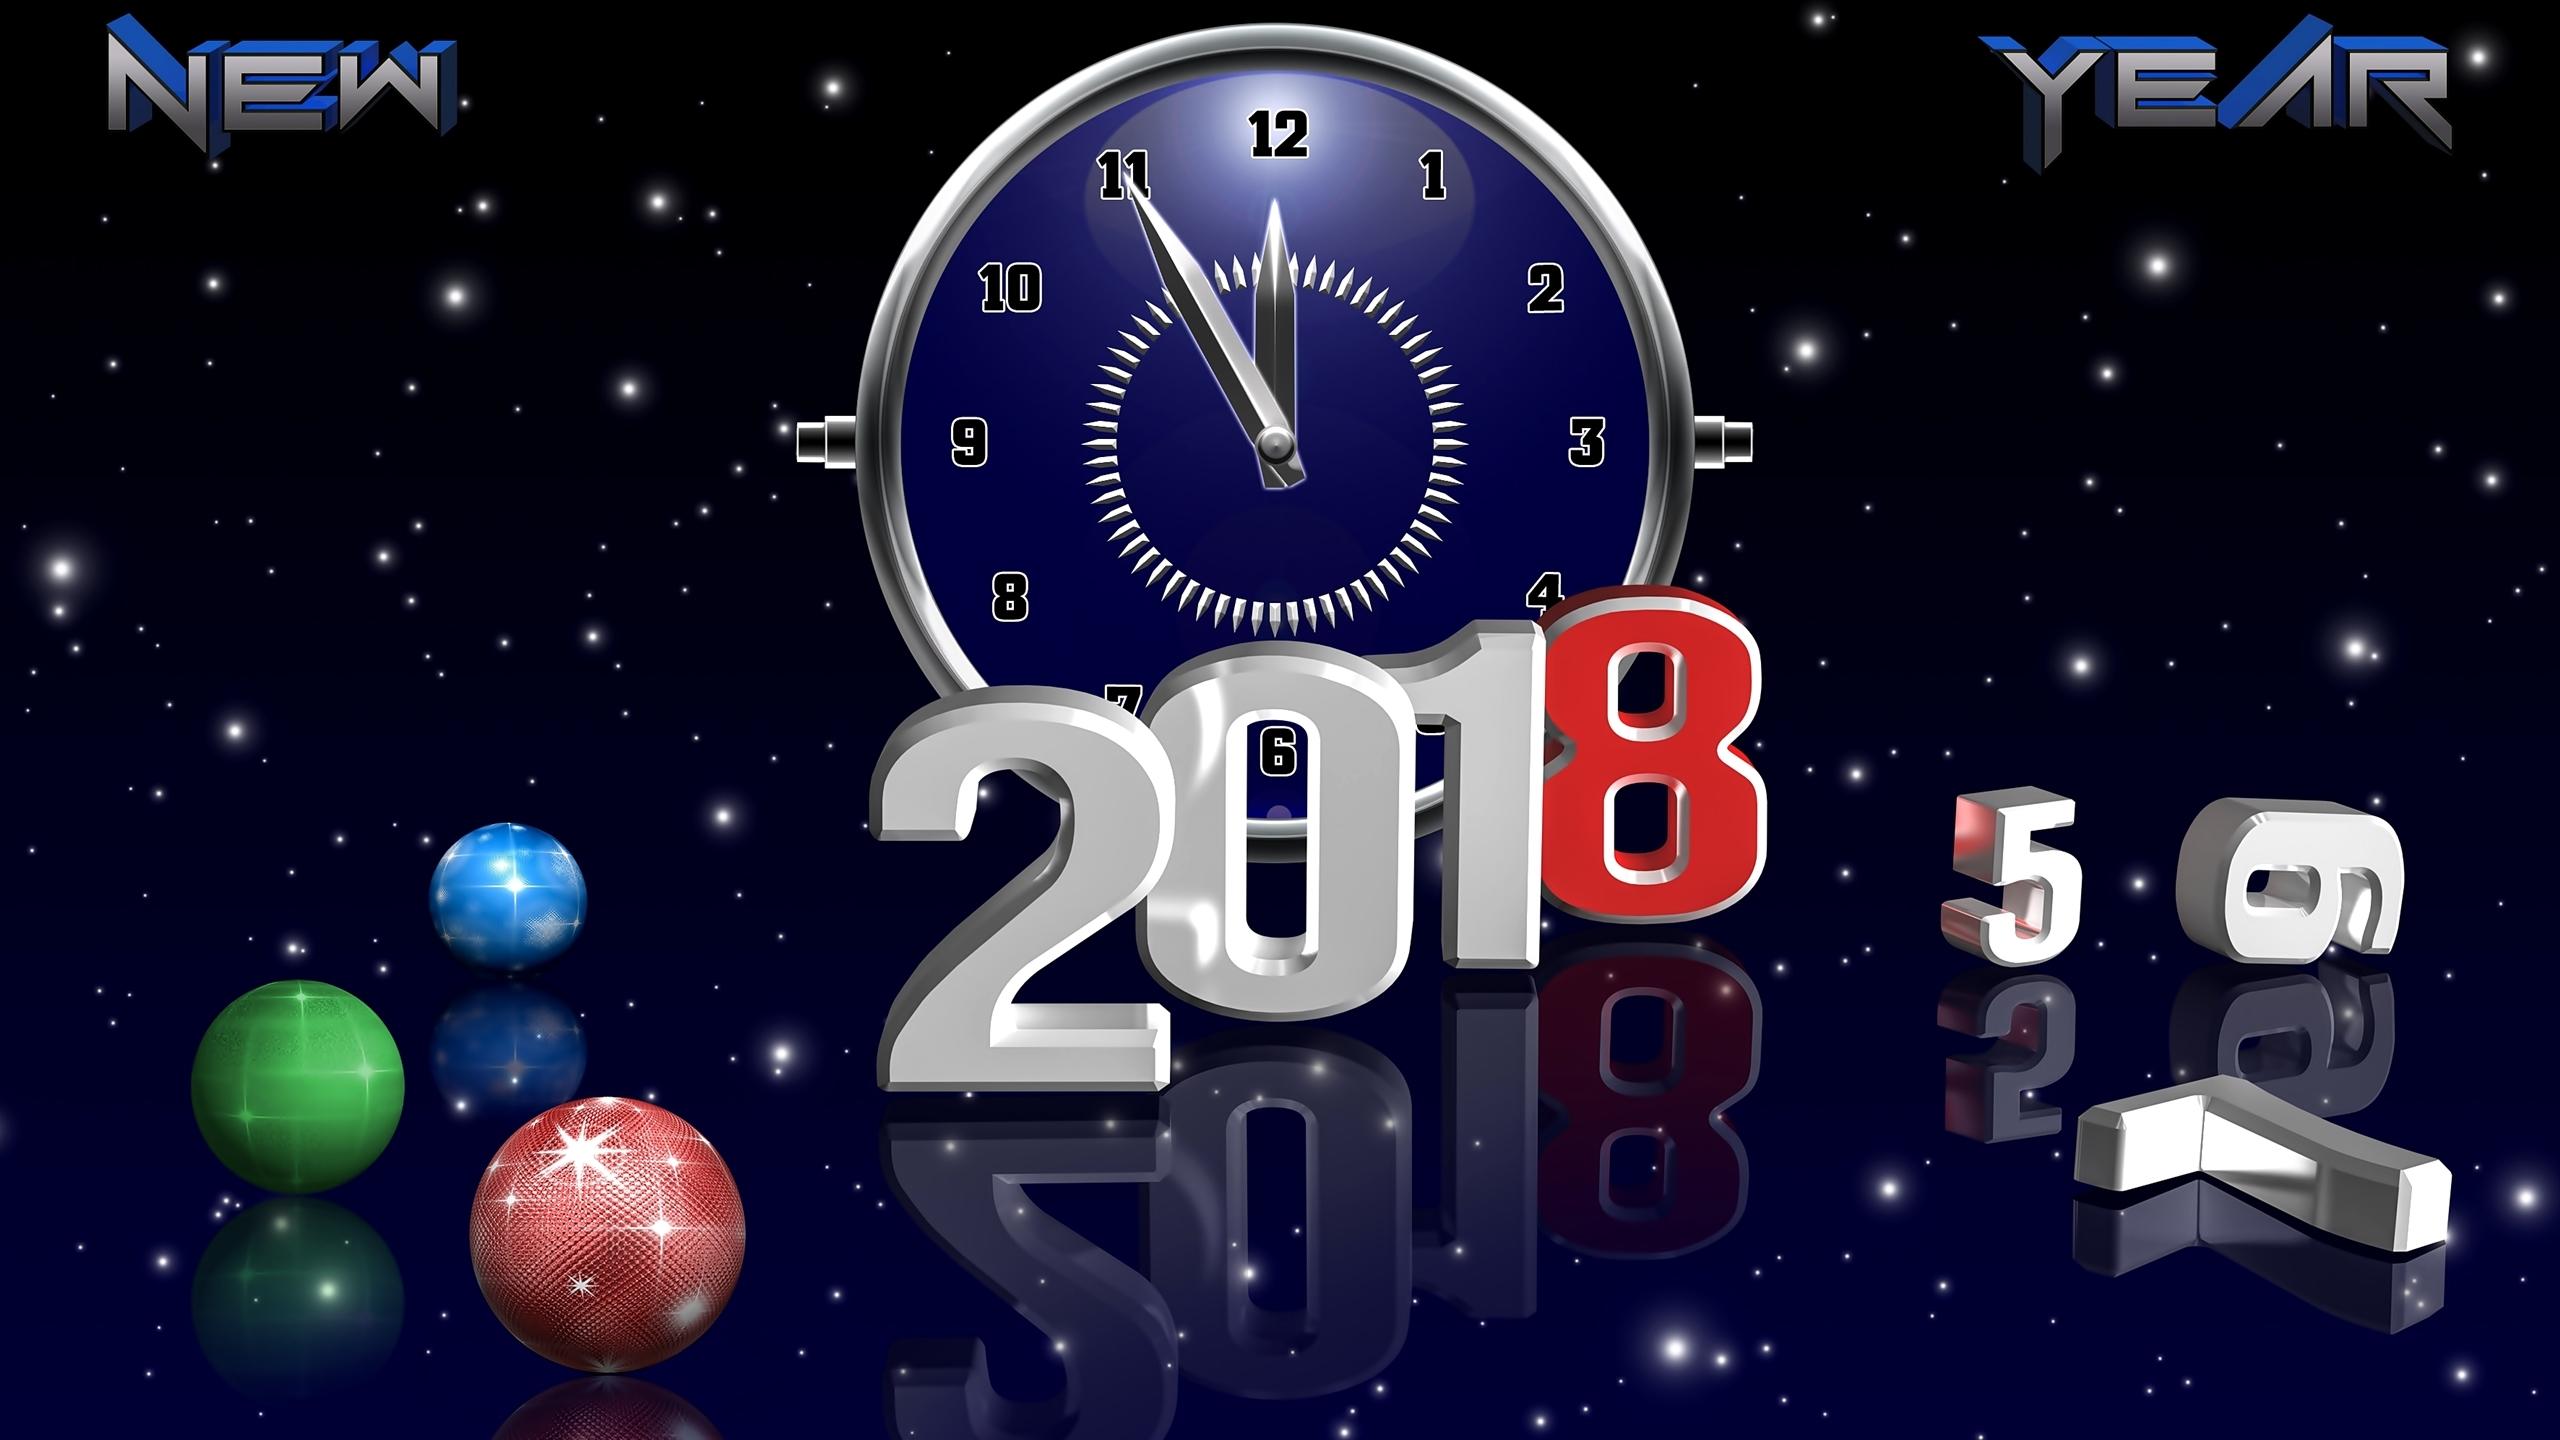 Znalezione obrazy dla zapytania nowy rok 2018 i ja